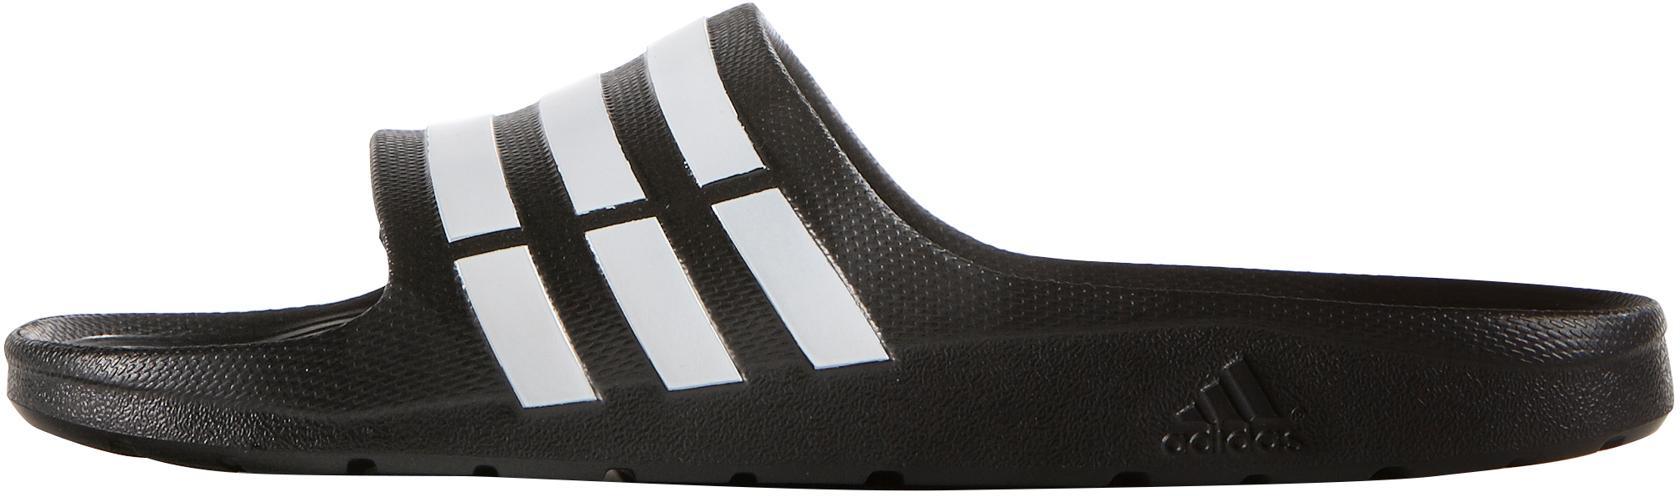 huge selection of e8b00 cfd03 Adidas Duramo von Slide Badelatschen core schwarz im Online Shop von Duramo  SportScheck kaufen Gute Qualität ...